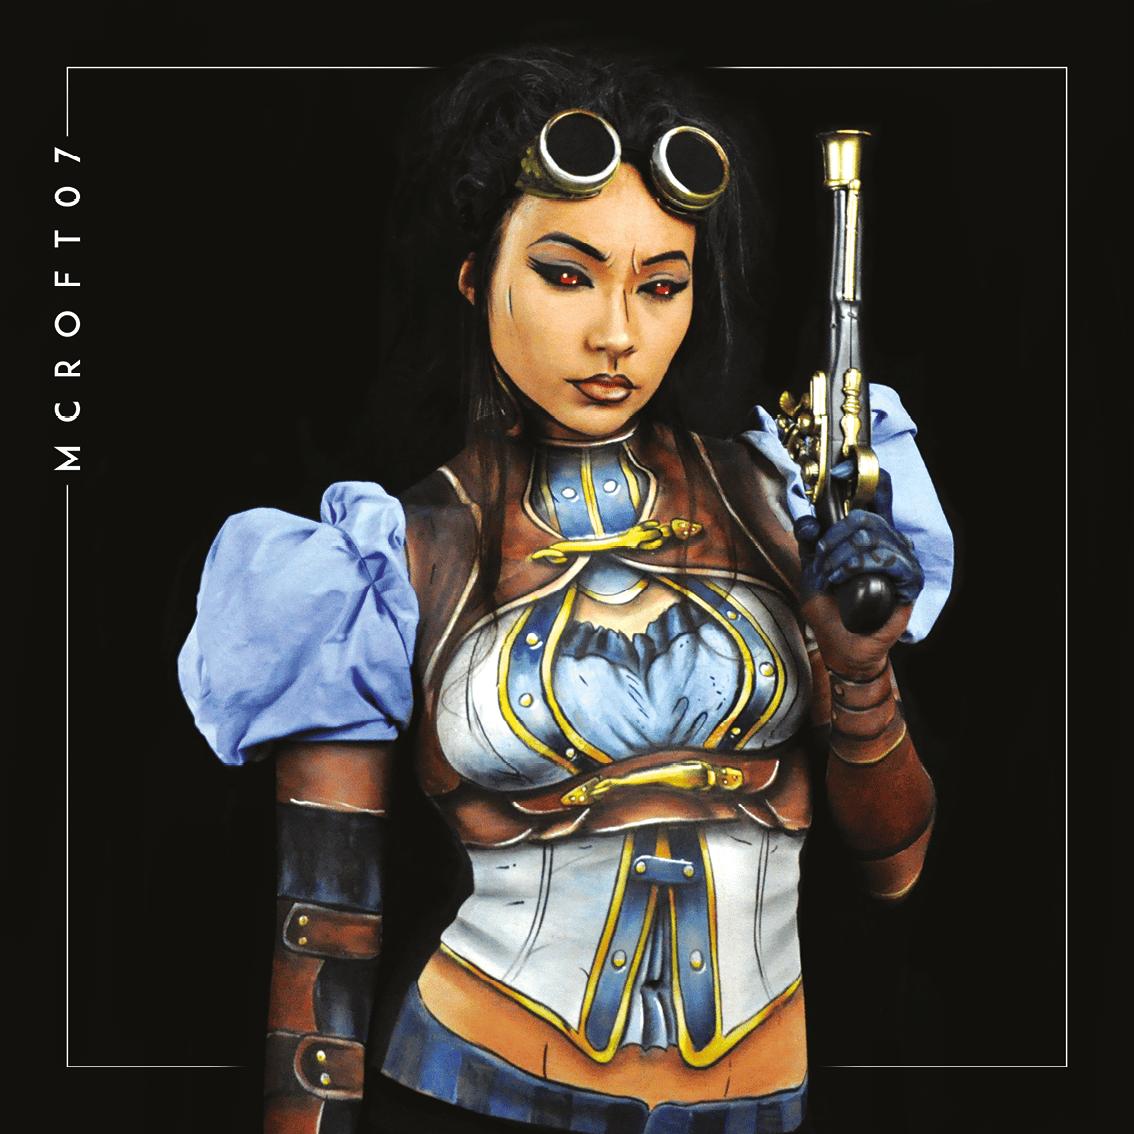 Image of Lady Mechanika